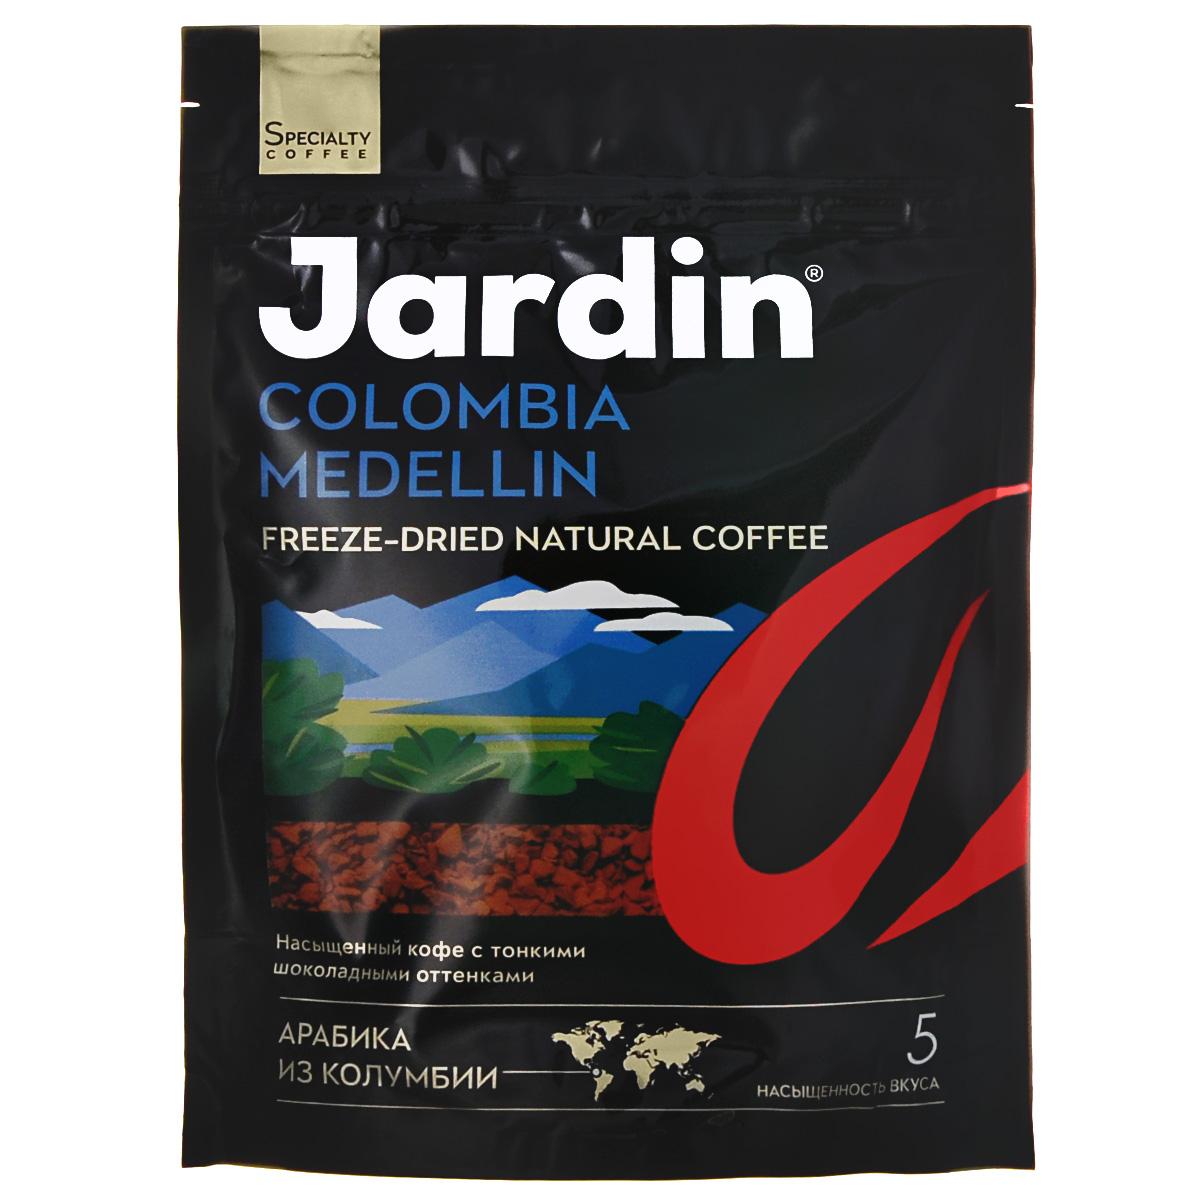 Jardin Colombia Medellin кофе растворимый, 75 г (м/у)0120710Растворимый кофе Jardin Colombia Medellin обладает крепким, насыщенным, интенсивным ароматом. Вкус арабики из колумбийского региона Меделлин особо ценится за сочетание цветочных и шоколадных нот.А всего одна ложка сахара добавит вкусу новые карамельные ноты крем-брюле.